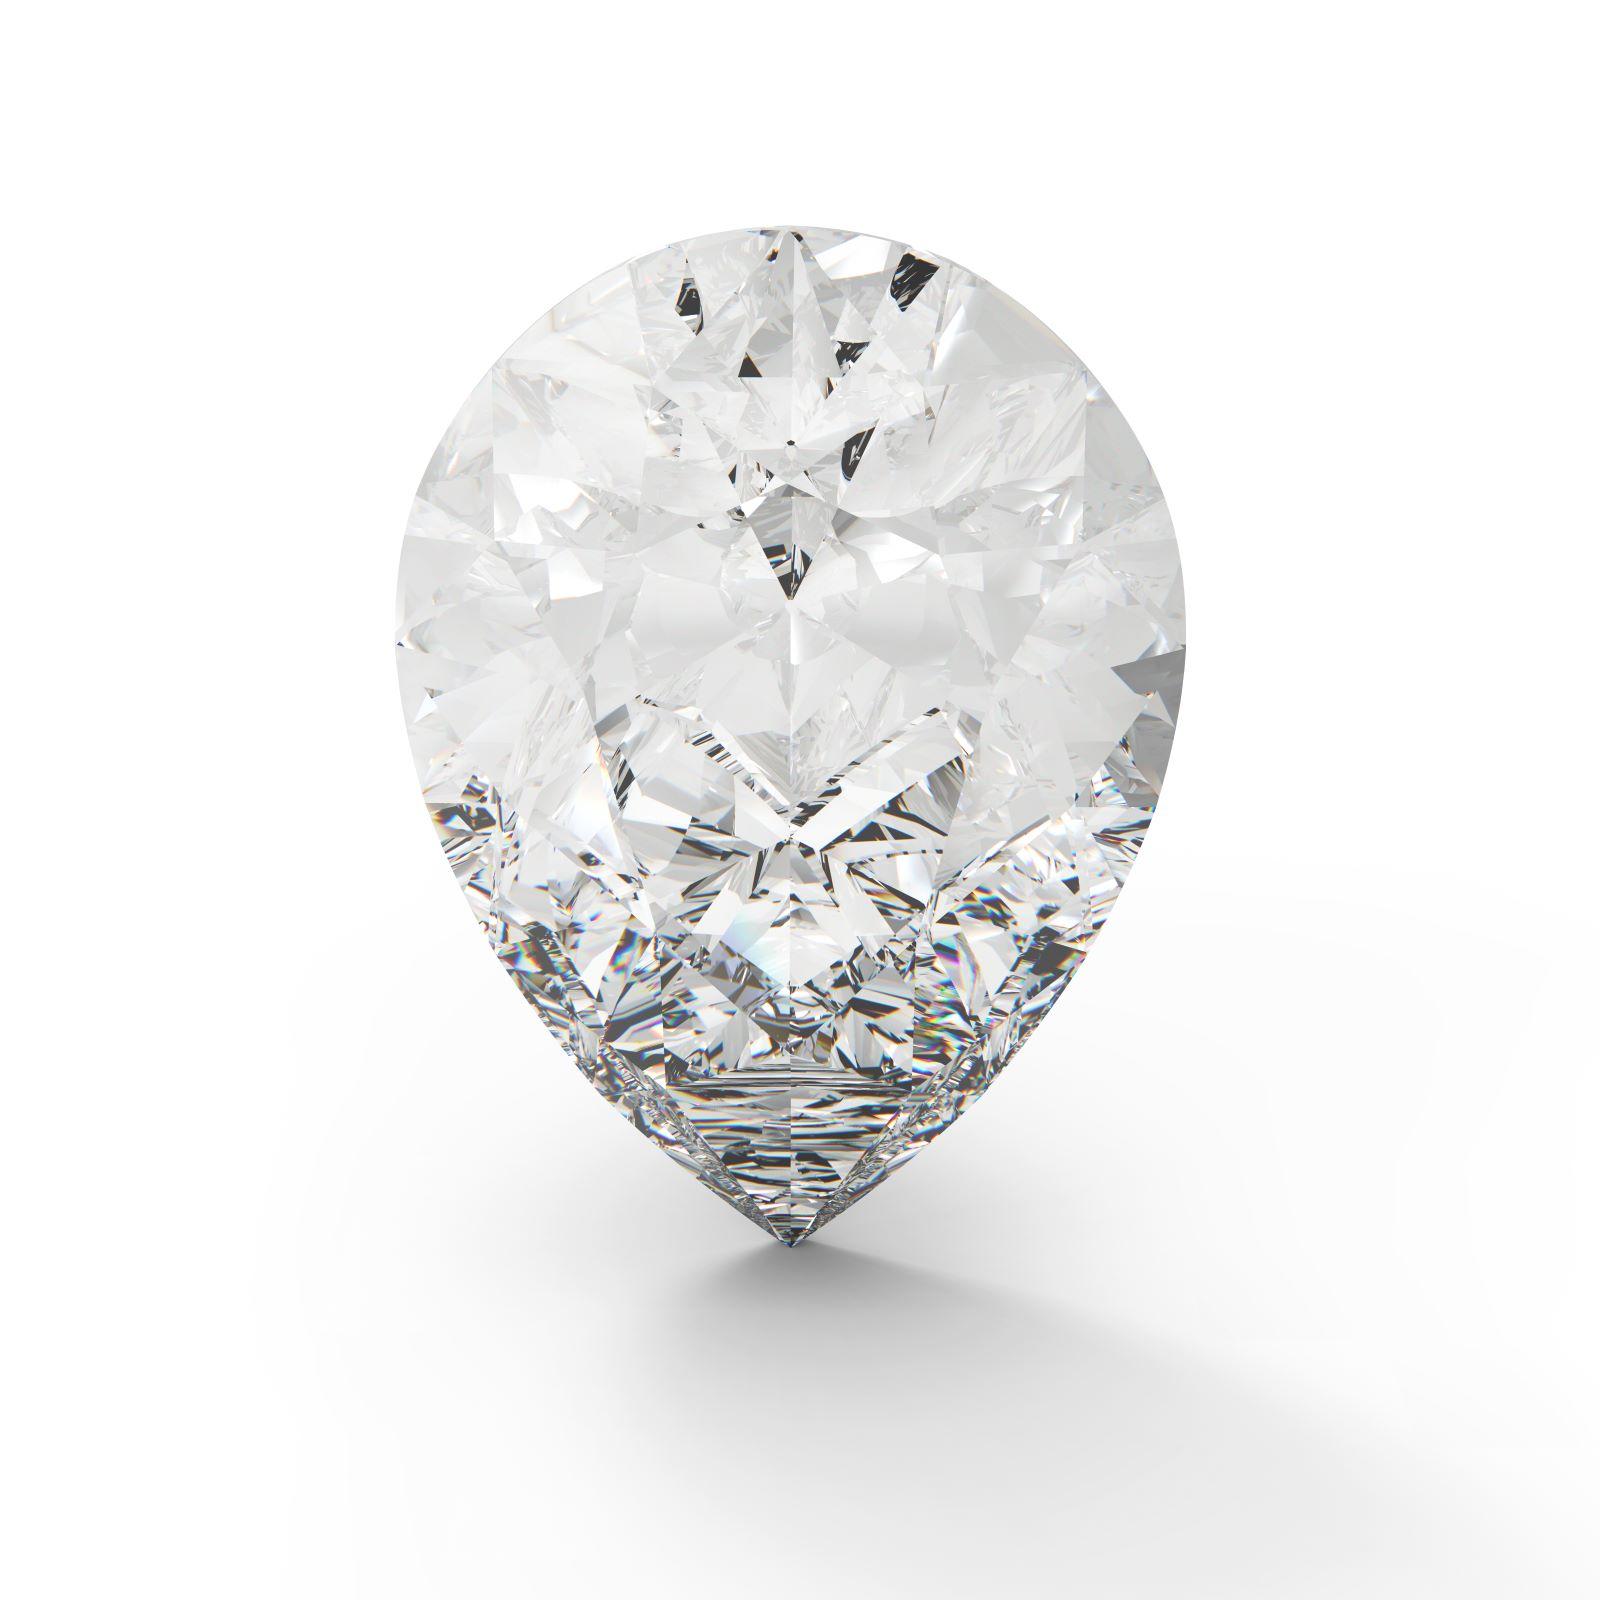 Diamant mit Tropfenschliff auf weißem Hintergrund